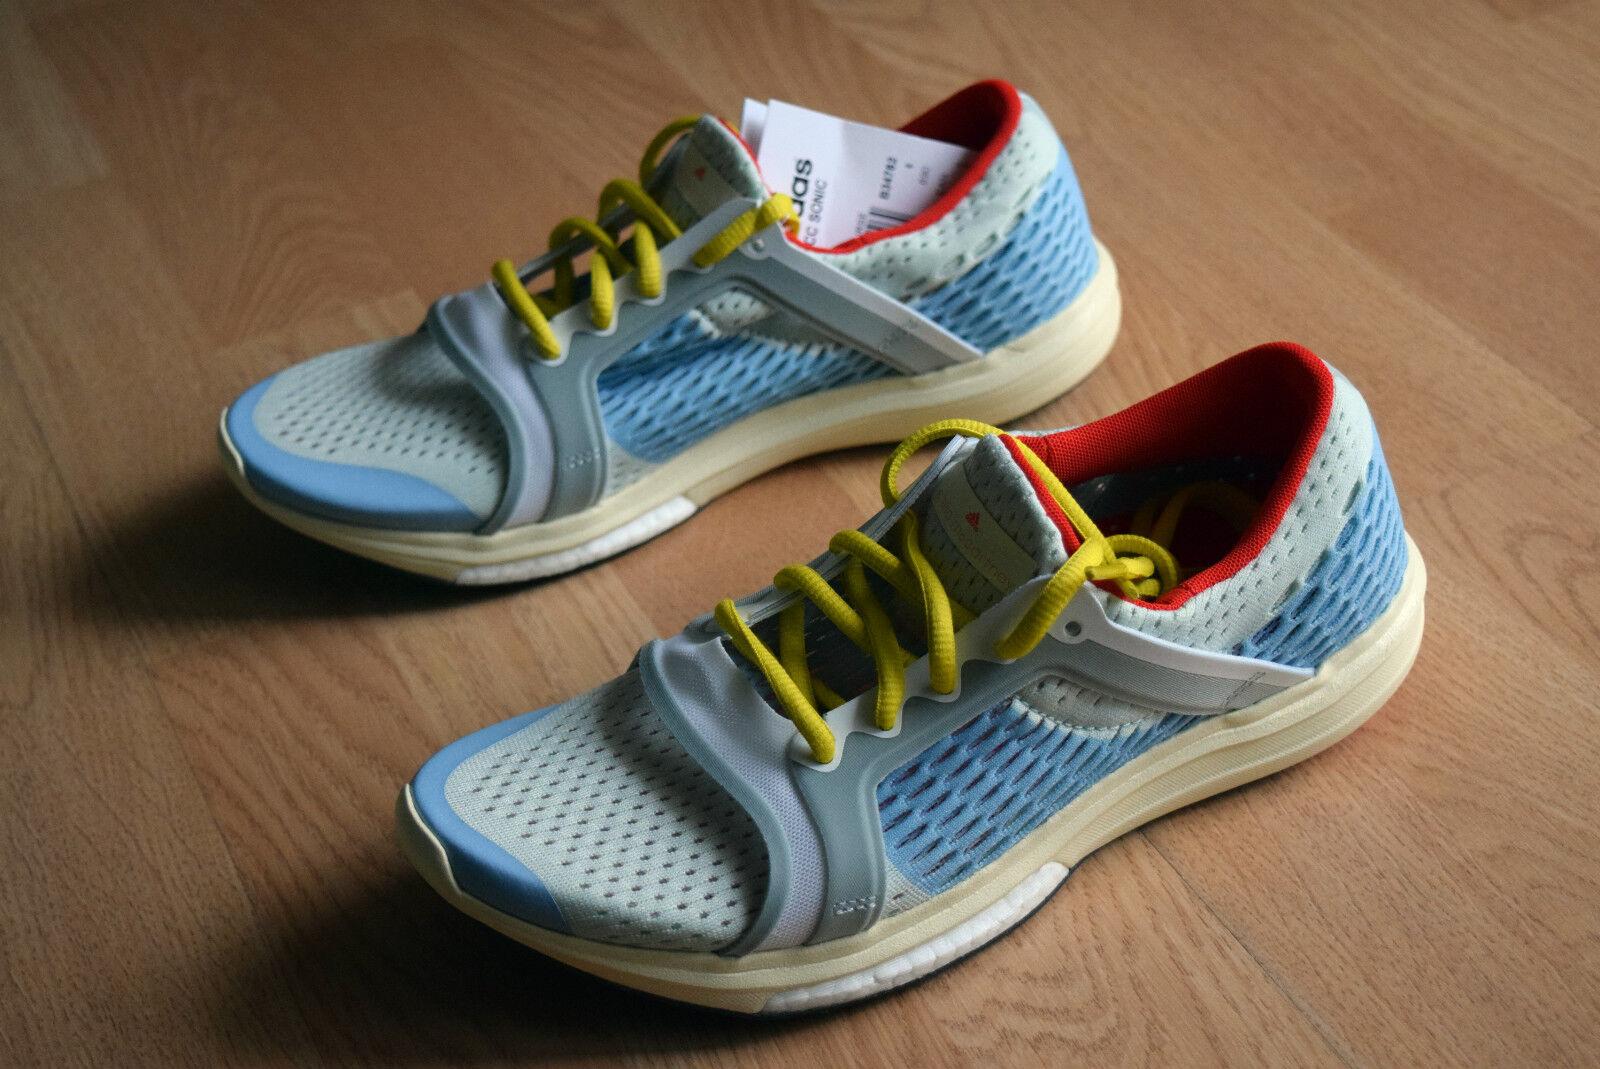 Adidas Stella McCartney CC Sonic Boost 37 38 39 40 41 42 Clima Cool cc1 B34782